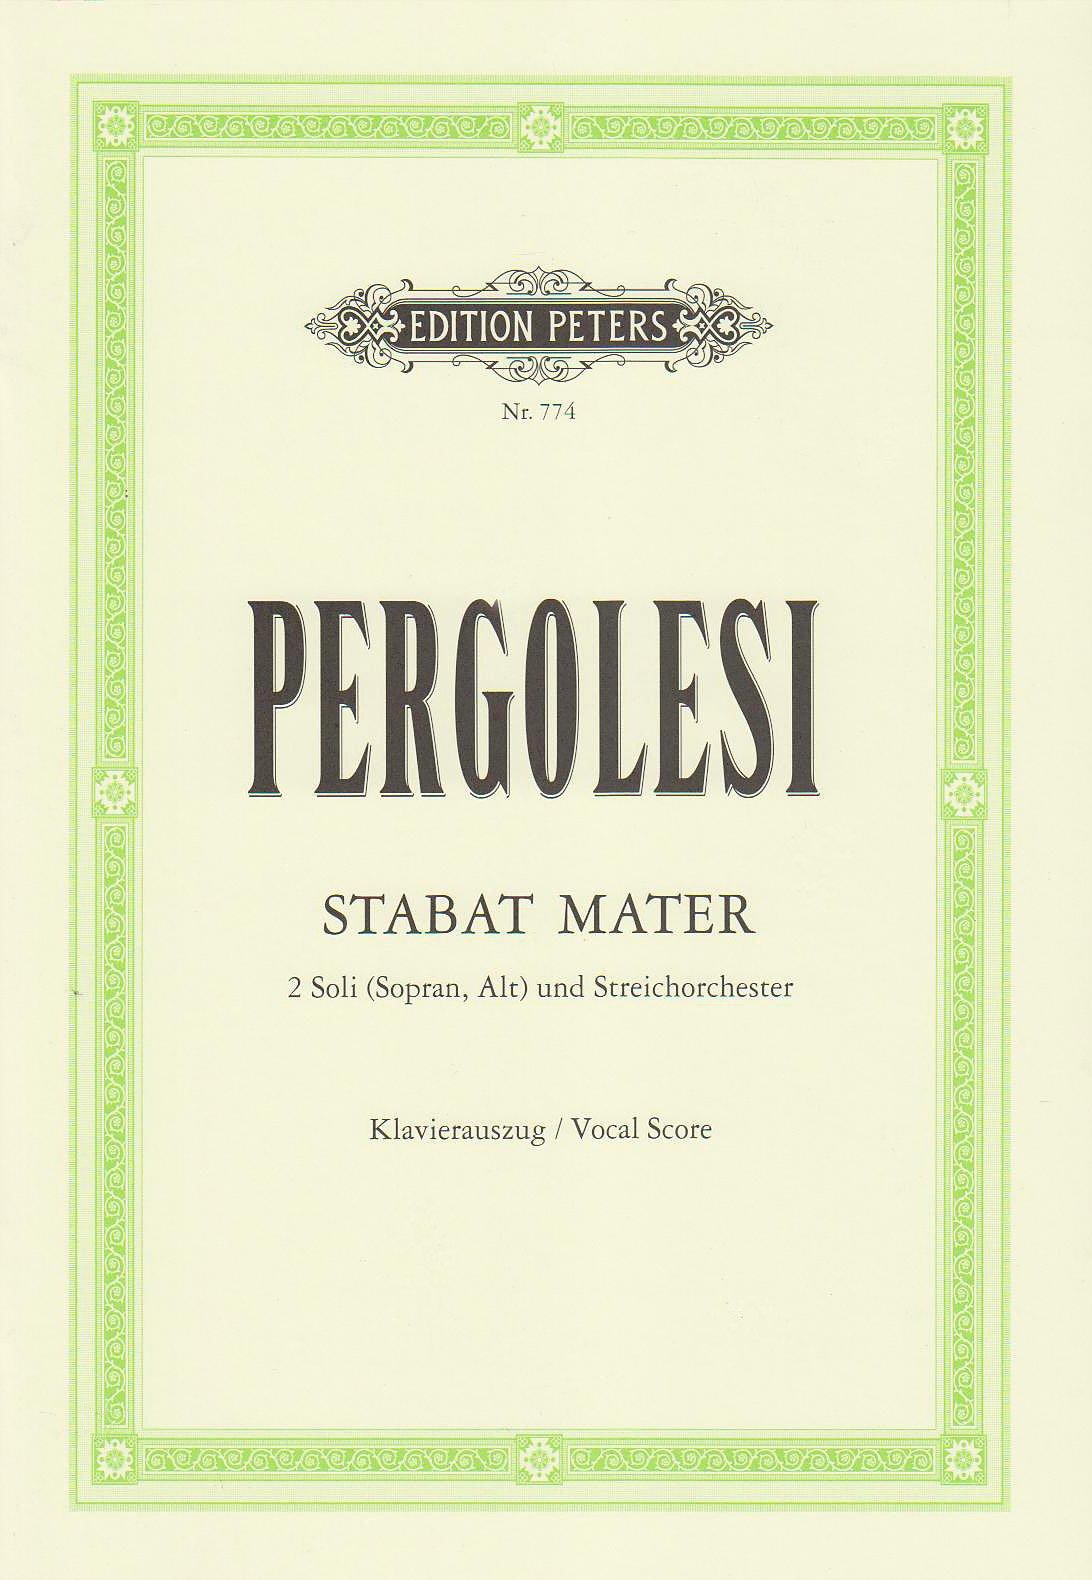 Stabat Mater: für Sopran, Alt und Streichorchester / Klavierauszug